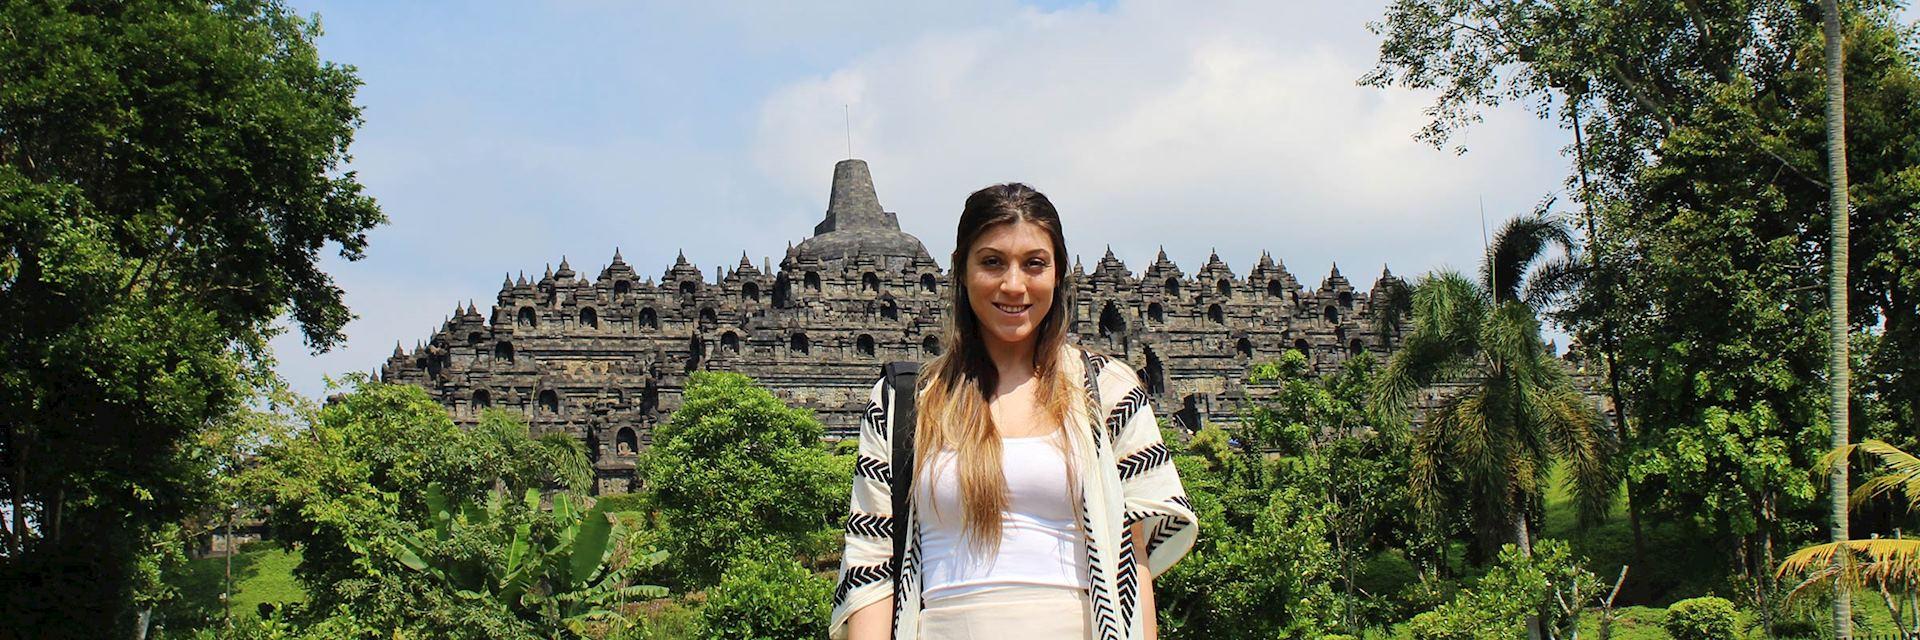 Kendall in Borobudur, Indonesia